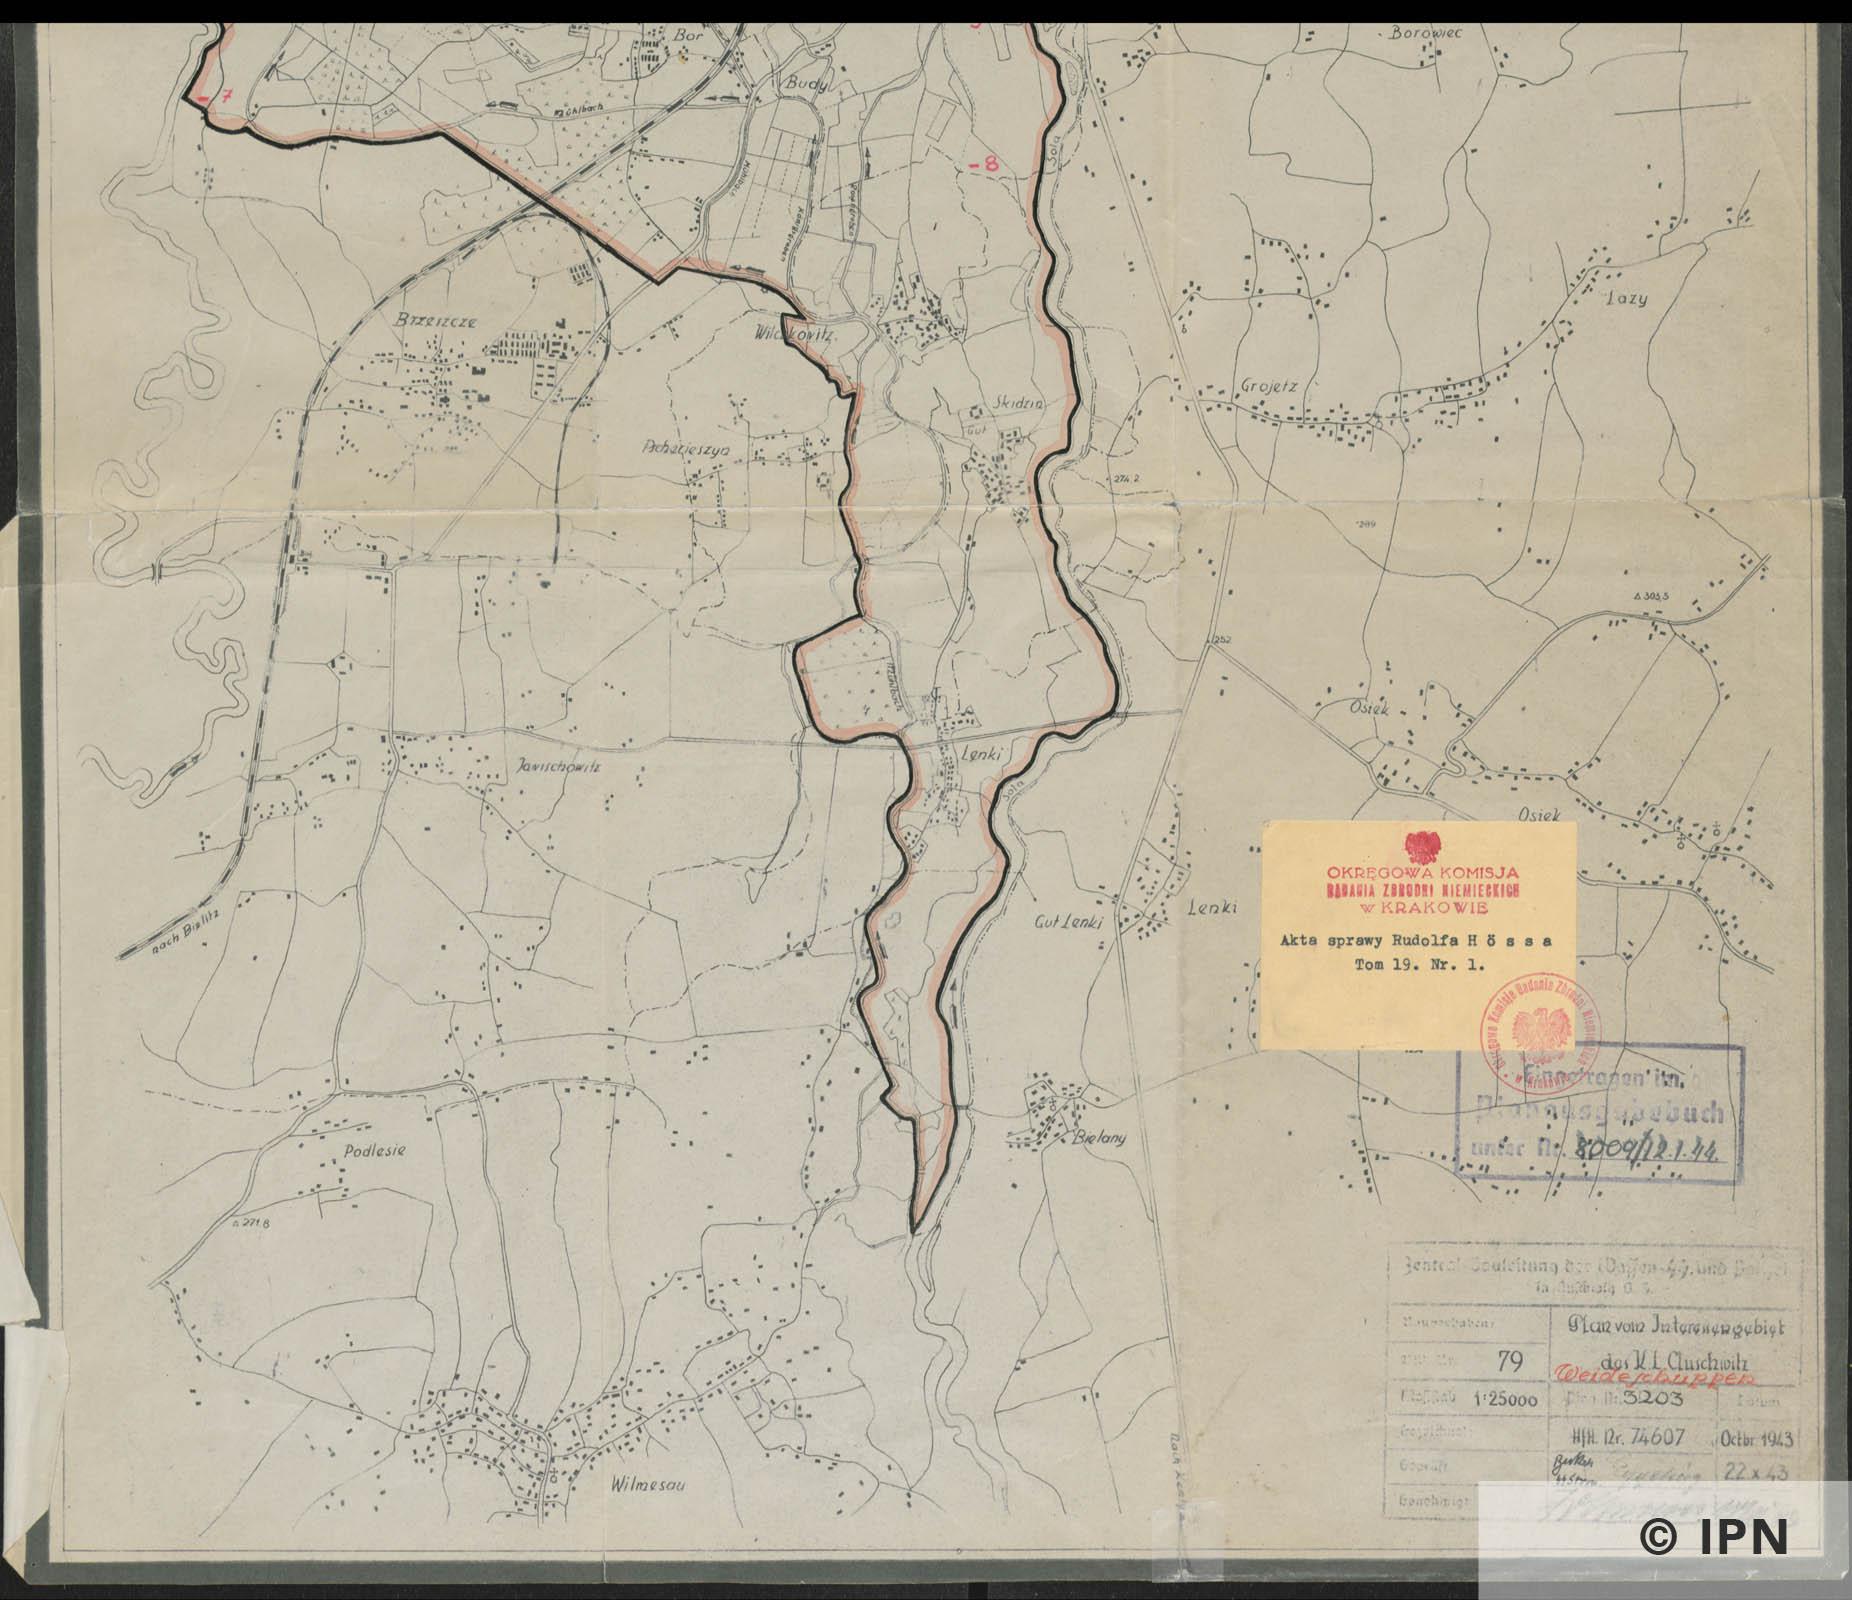 Plan vom Interessengebiet des KL Auschwitz. October 1943 . IPN GK 196 101 0037